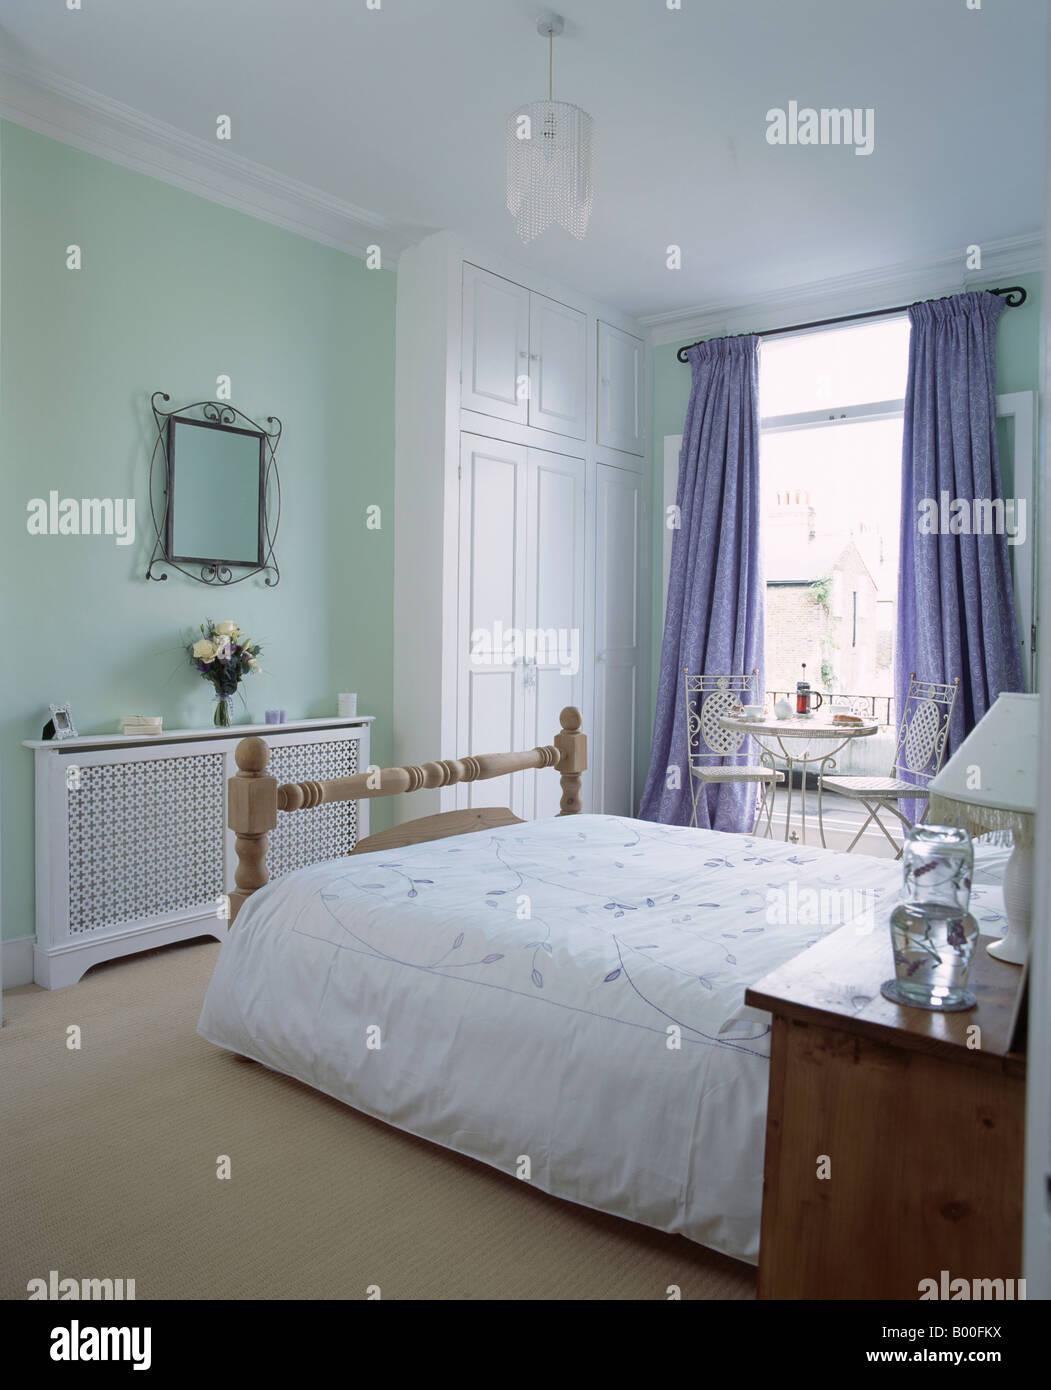 couette blanche sur lit dans chambre avec vert pastel ajour couvercle de radiateur et d 39 une. Black Bedroom Furniture Sets. Home Design Ideas